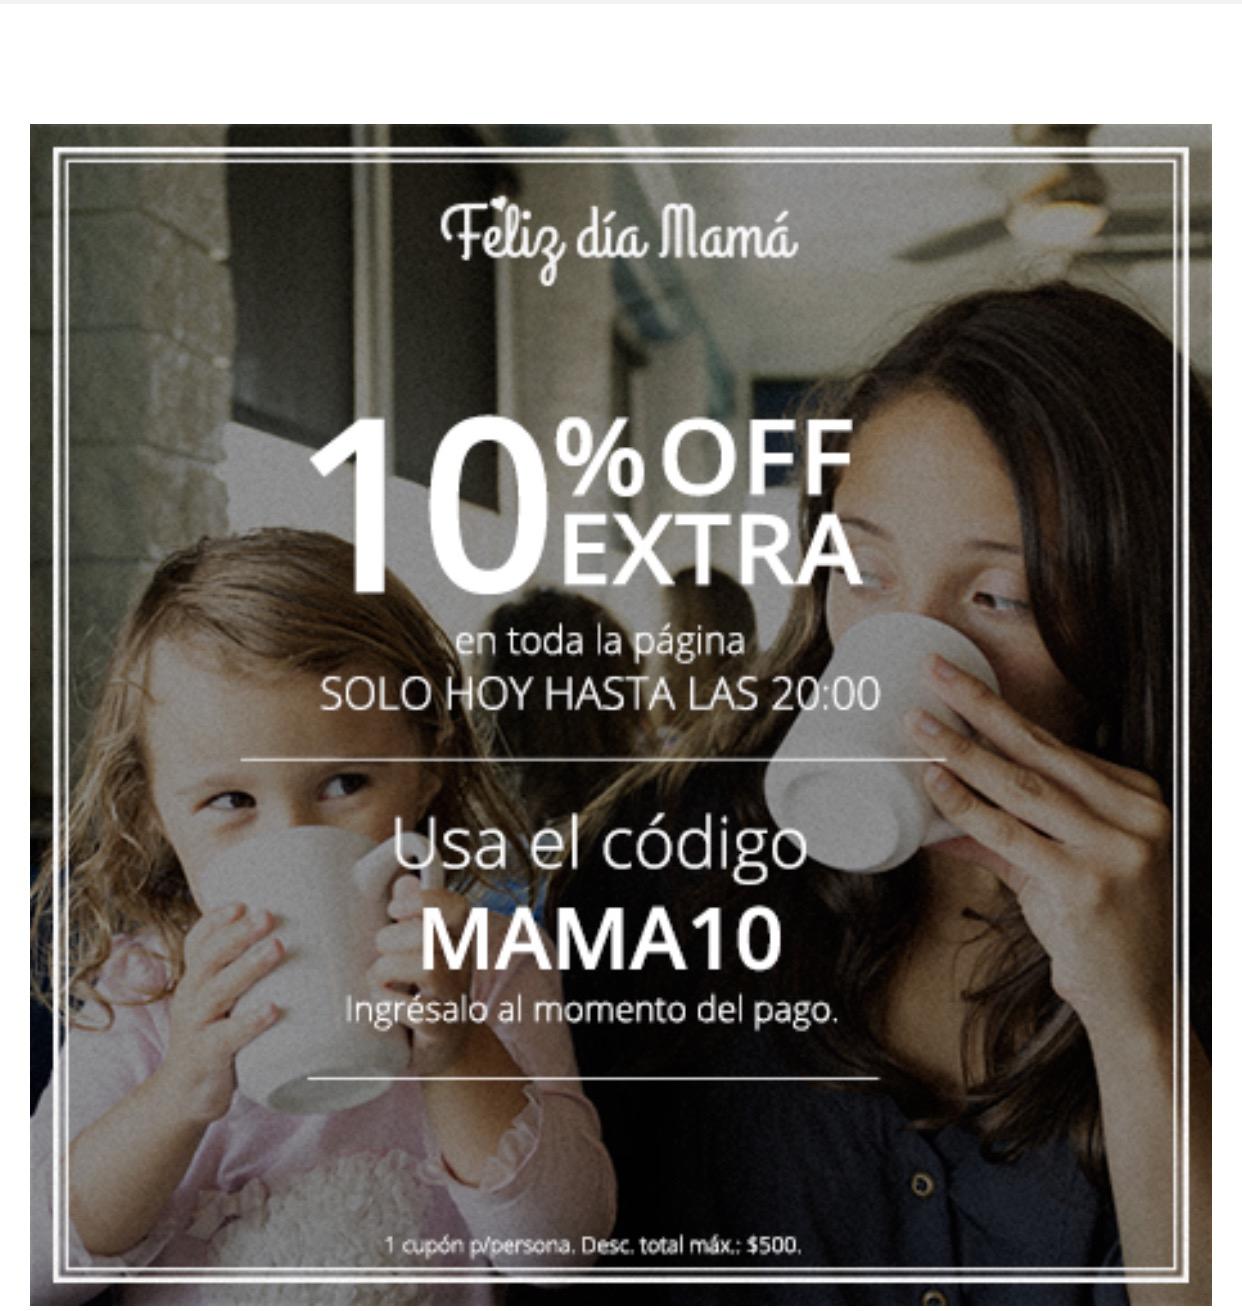 Groupon: Te queremos mamá: 10% off extra en todo el sitio